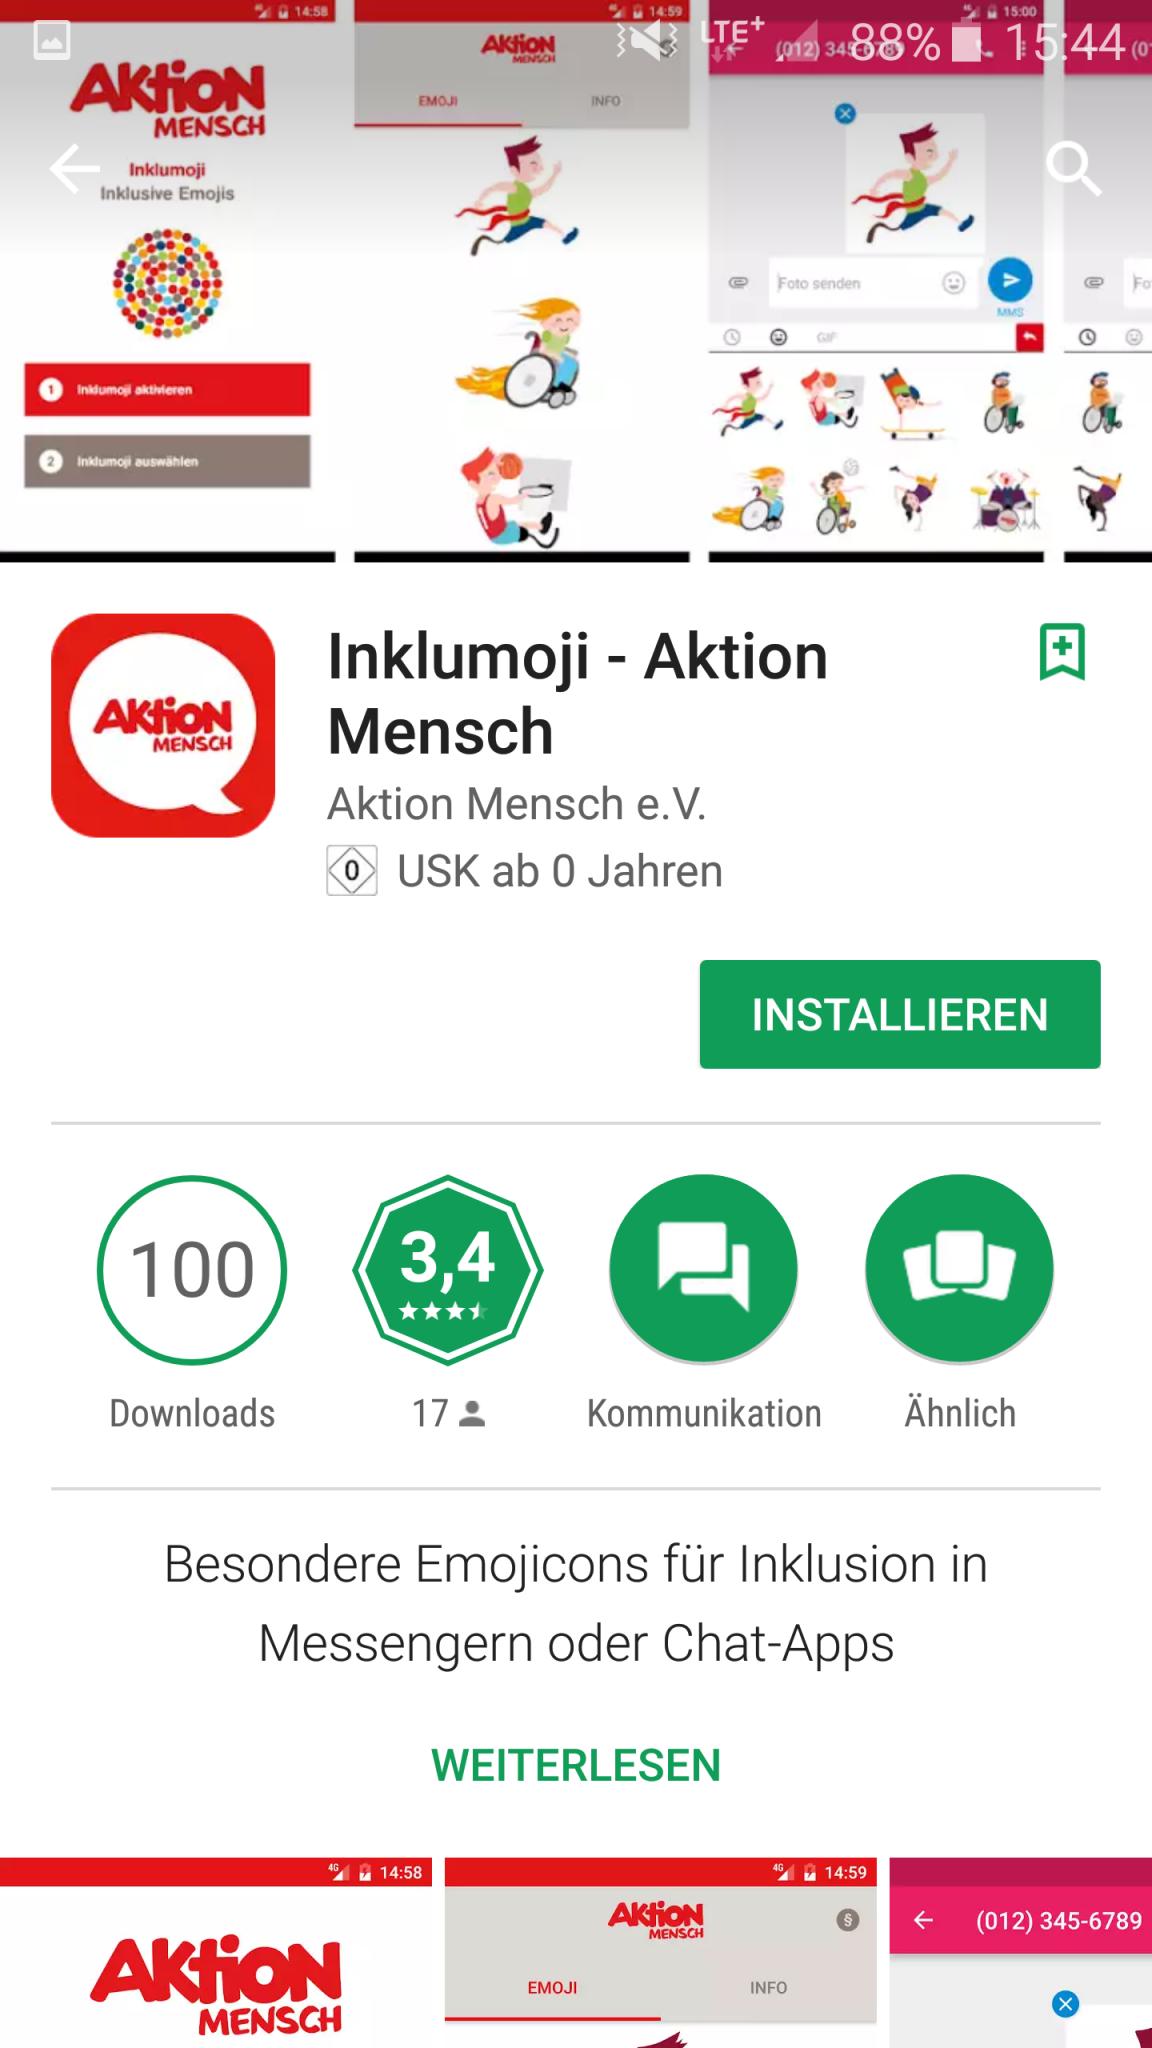 app store zum herunterladen